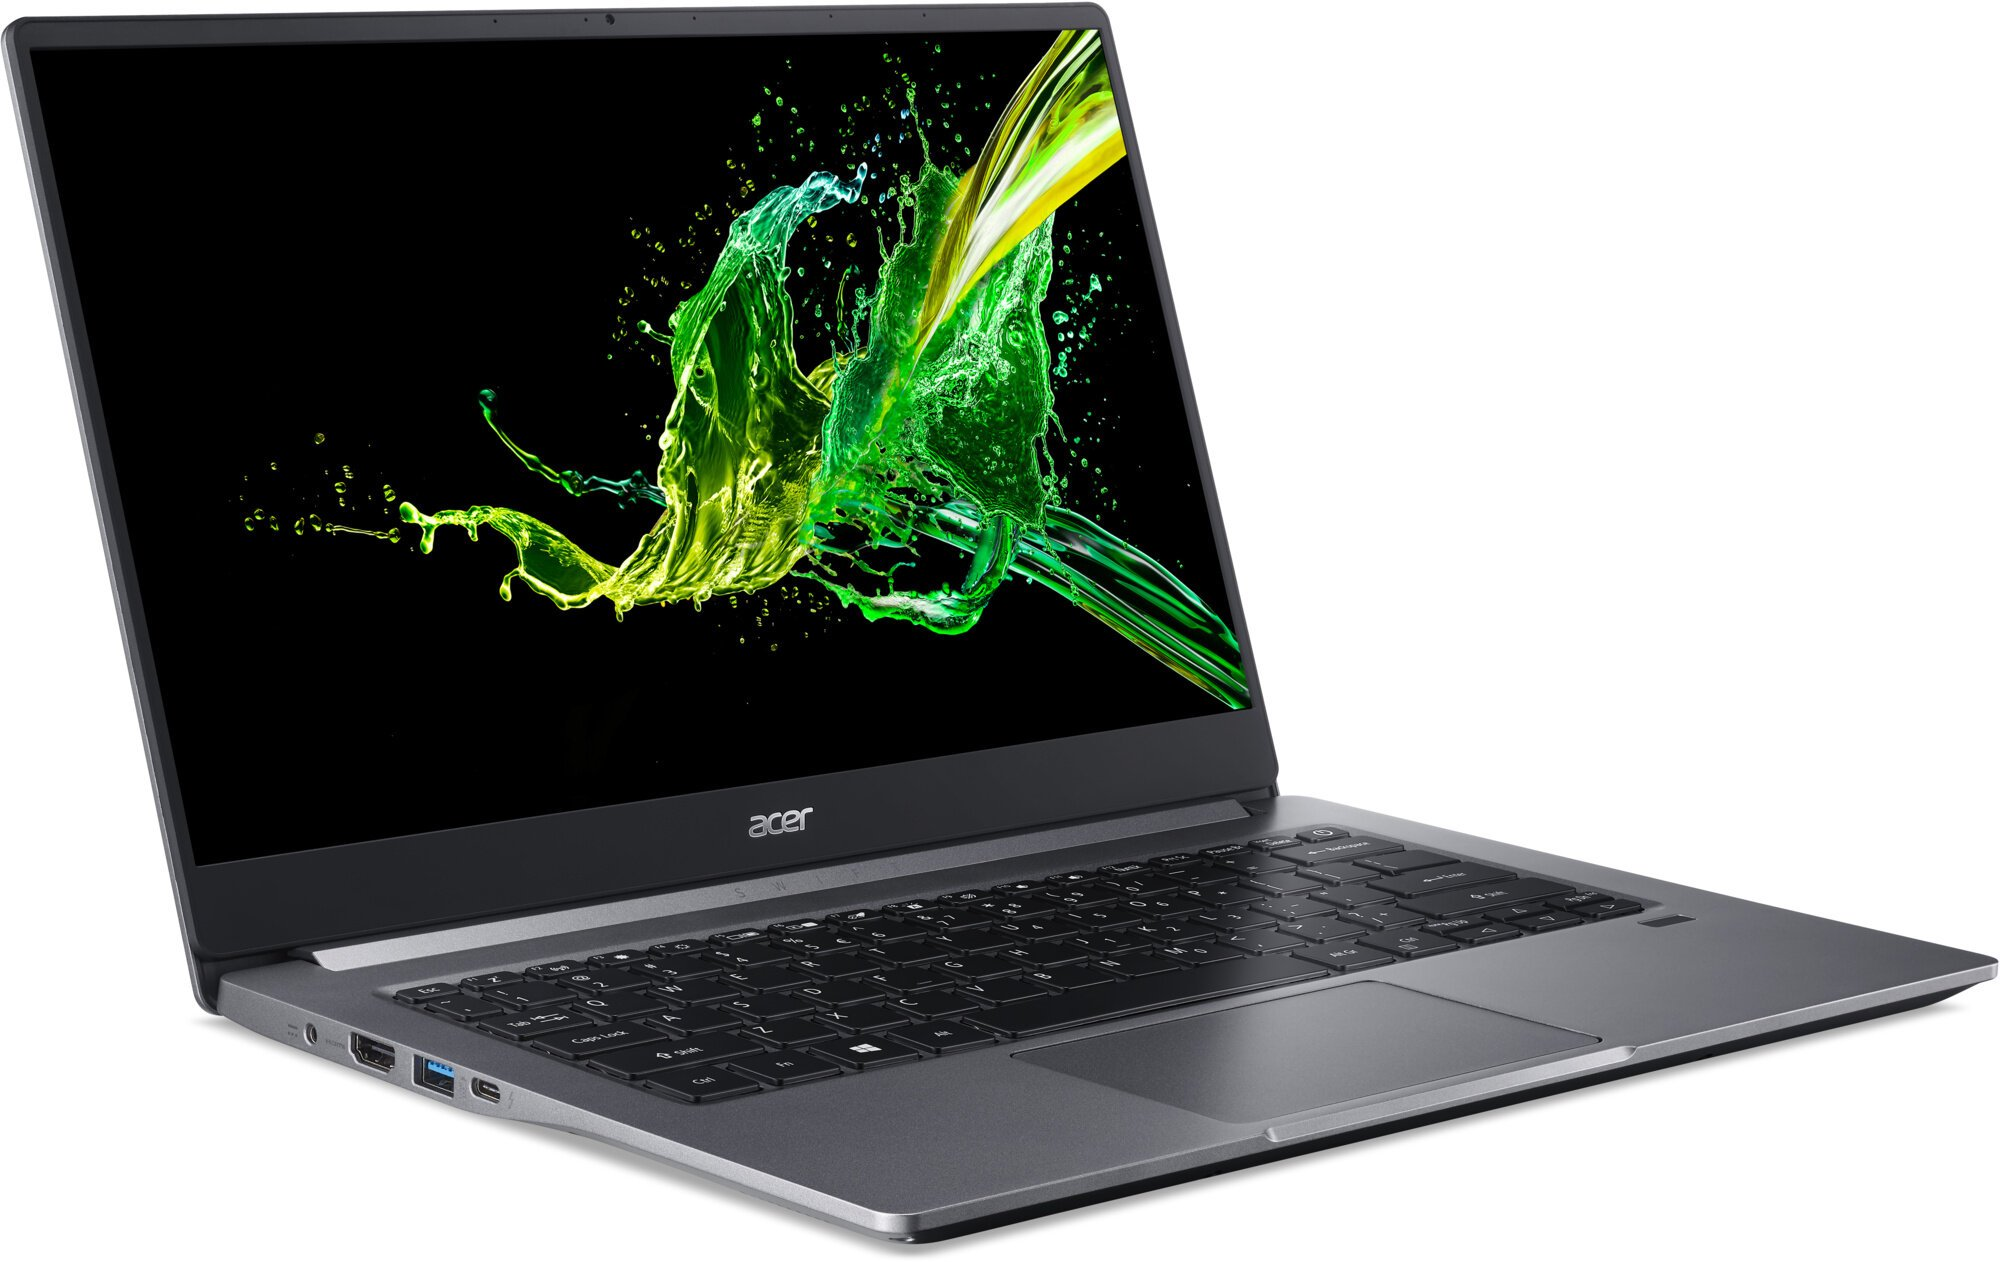 Acer Swift 3 SF314-57G-741R